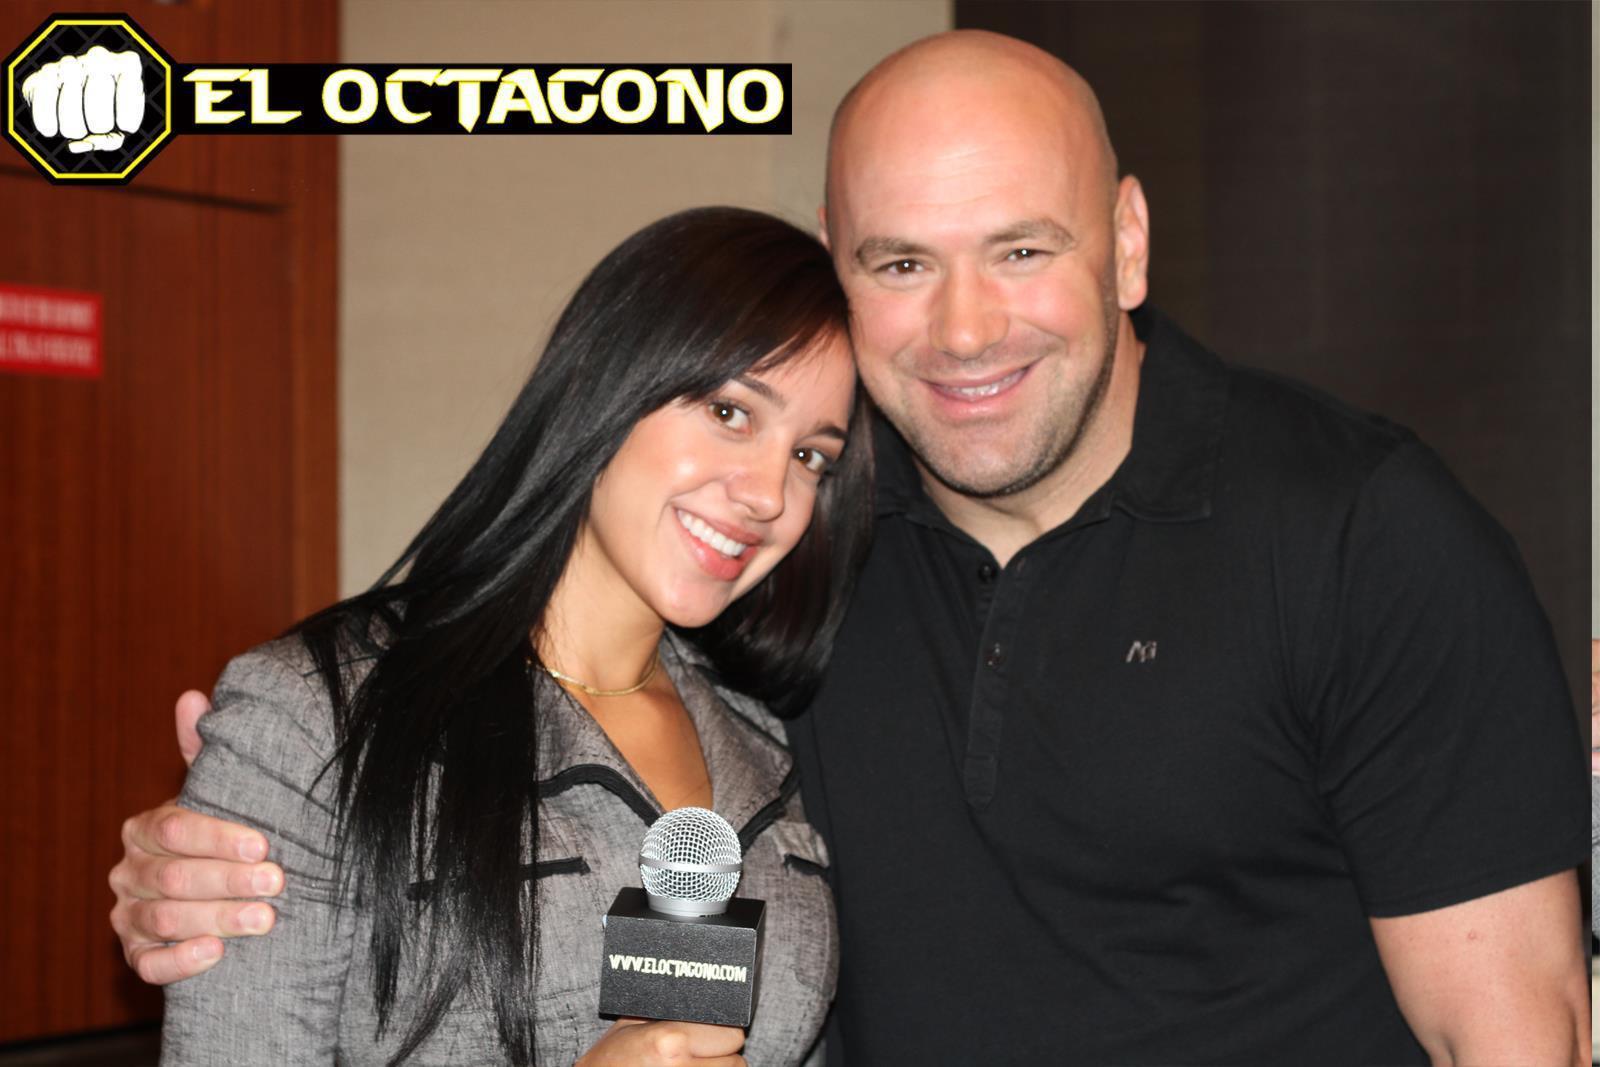 El Octagono, Andrea Calle, Dana White